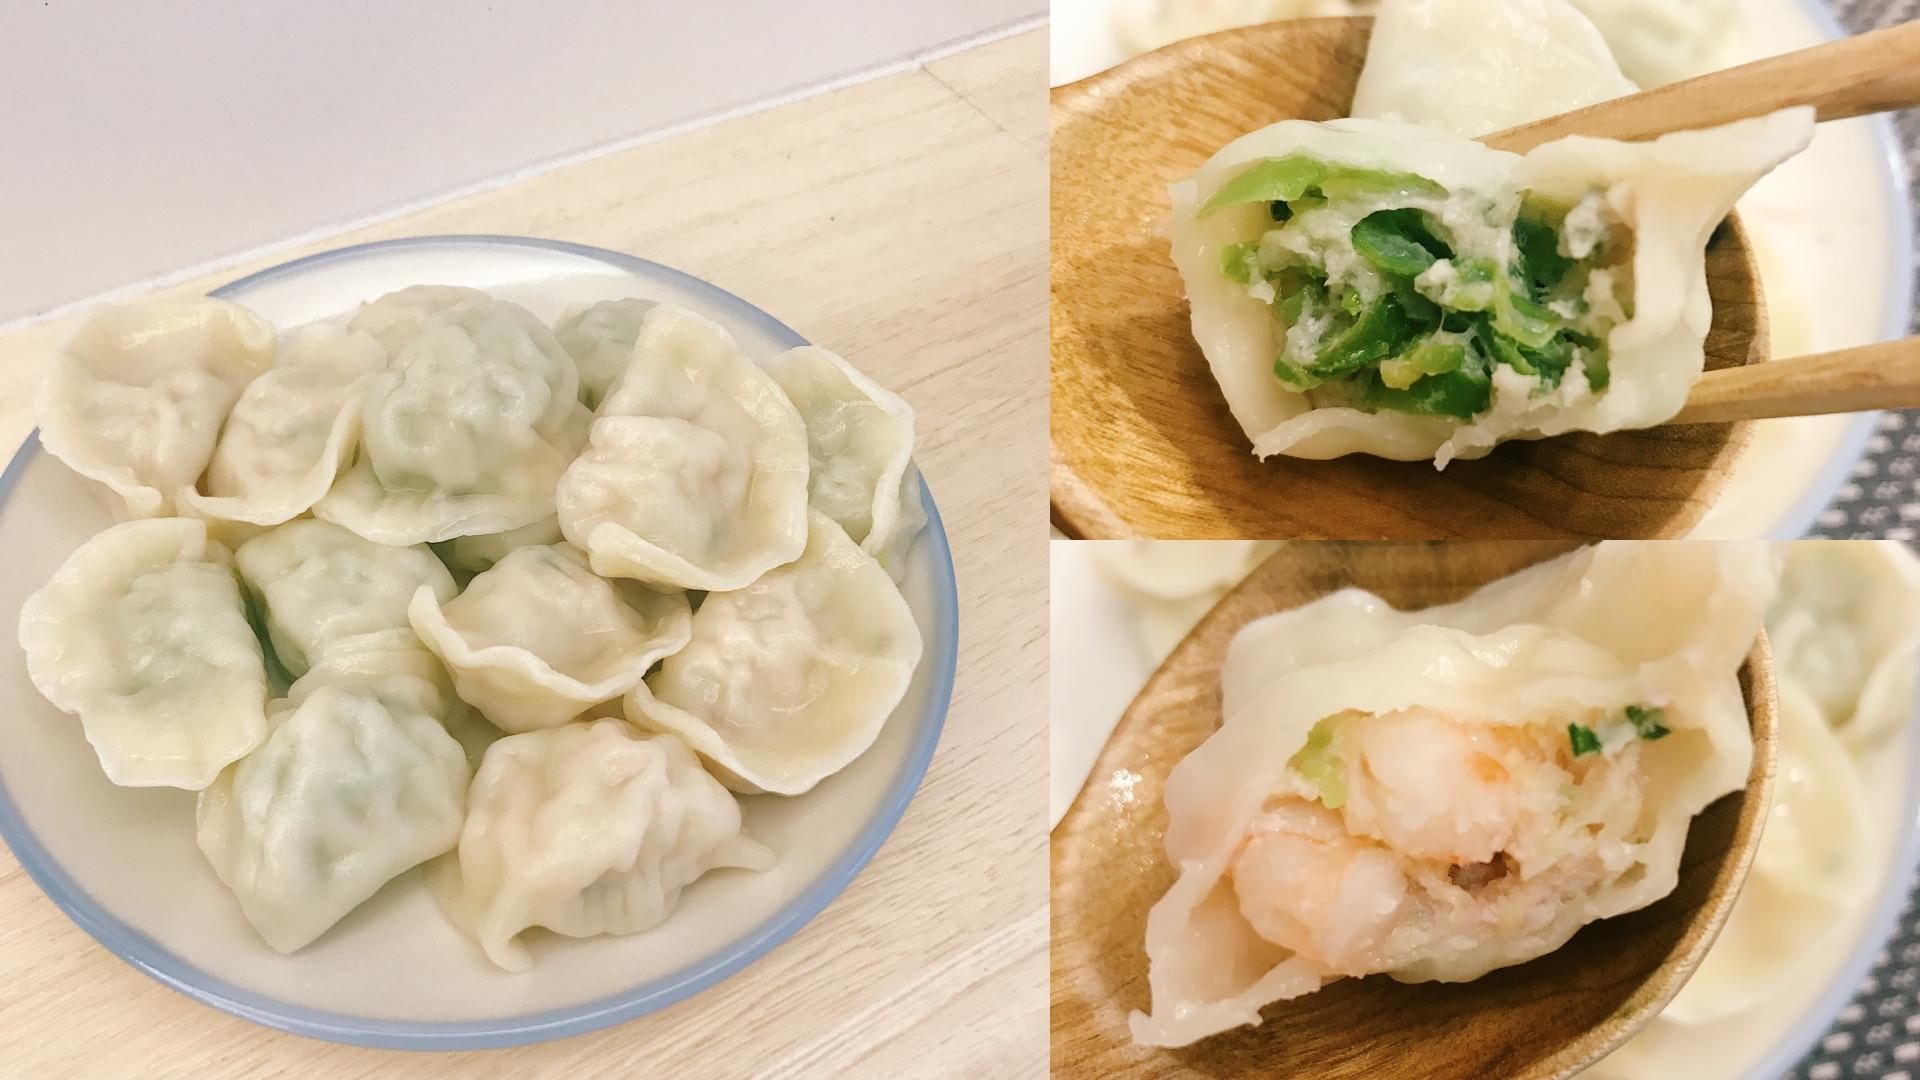 每天新鮮直送的蔬菜,還有手工現包的水餃,吃得到媽媽般的手感溫度!